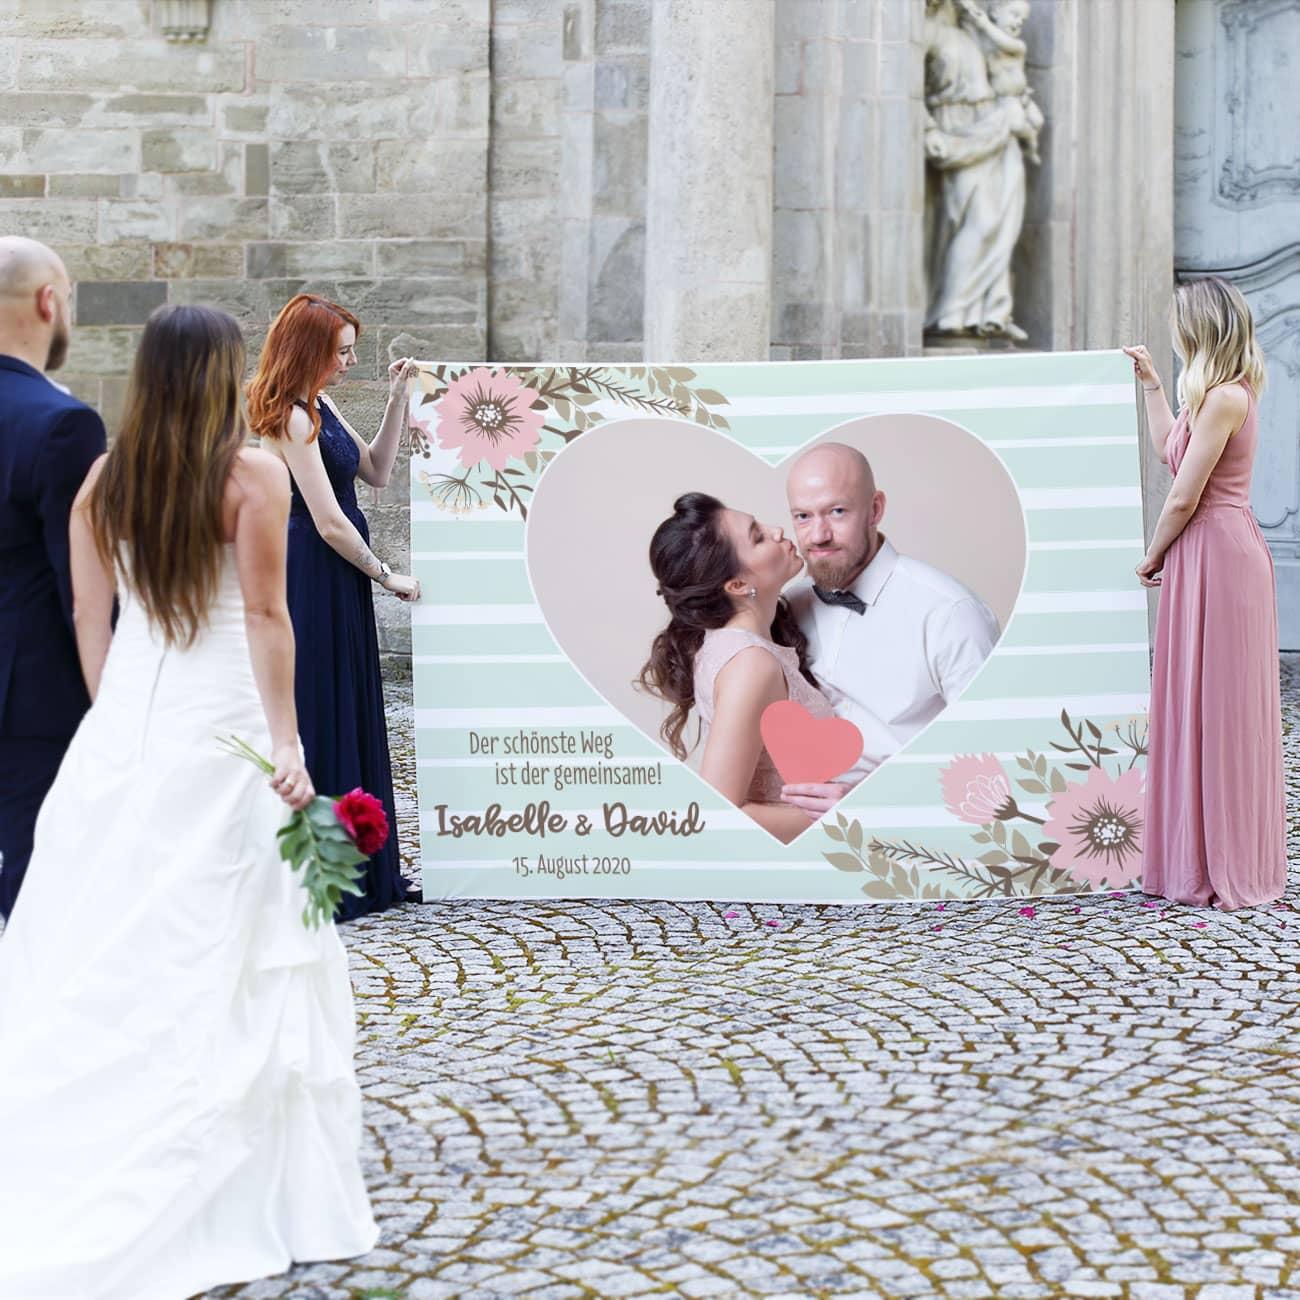 Ausschneiden spruch herz hochzeit Hochzeitsherz ausschneiden: